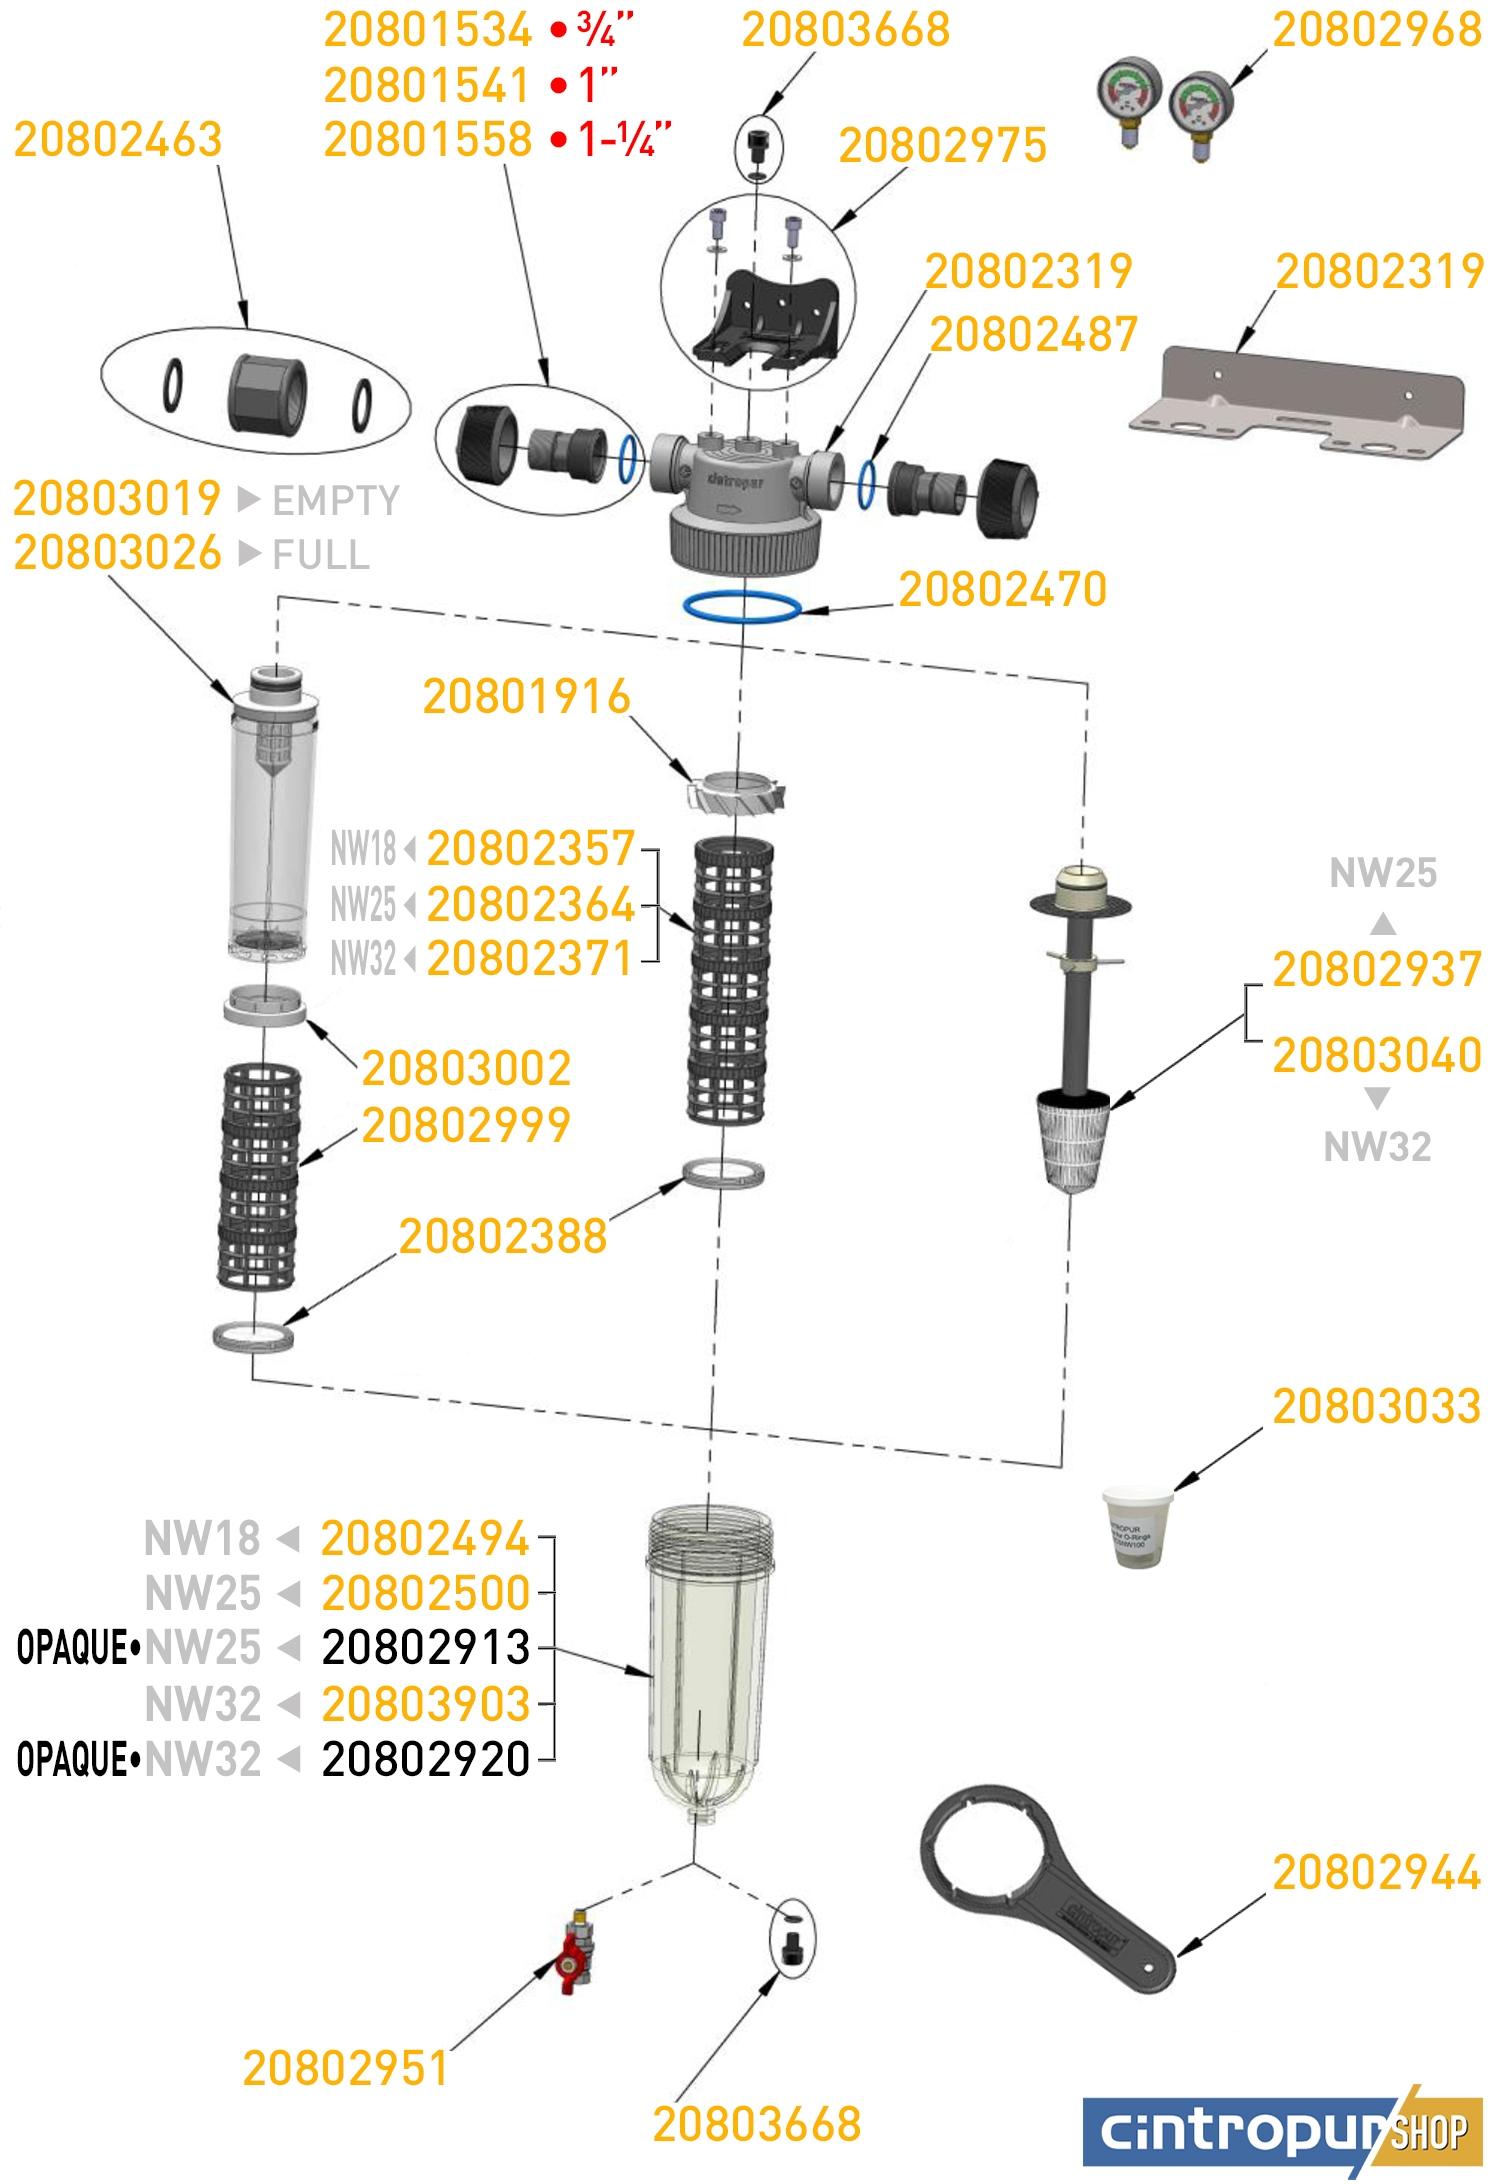 Dessin des pièces détachées Cintropur de la gamme Domestic Line avec code UGS